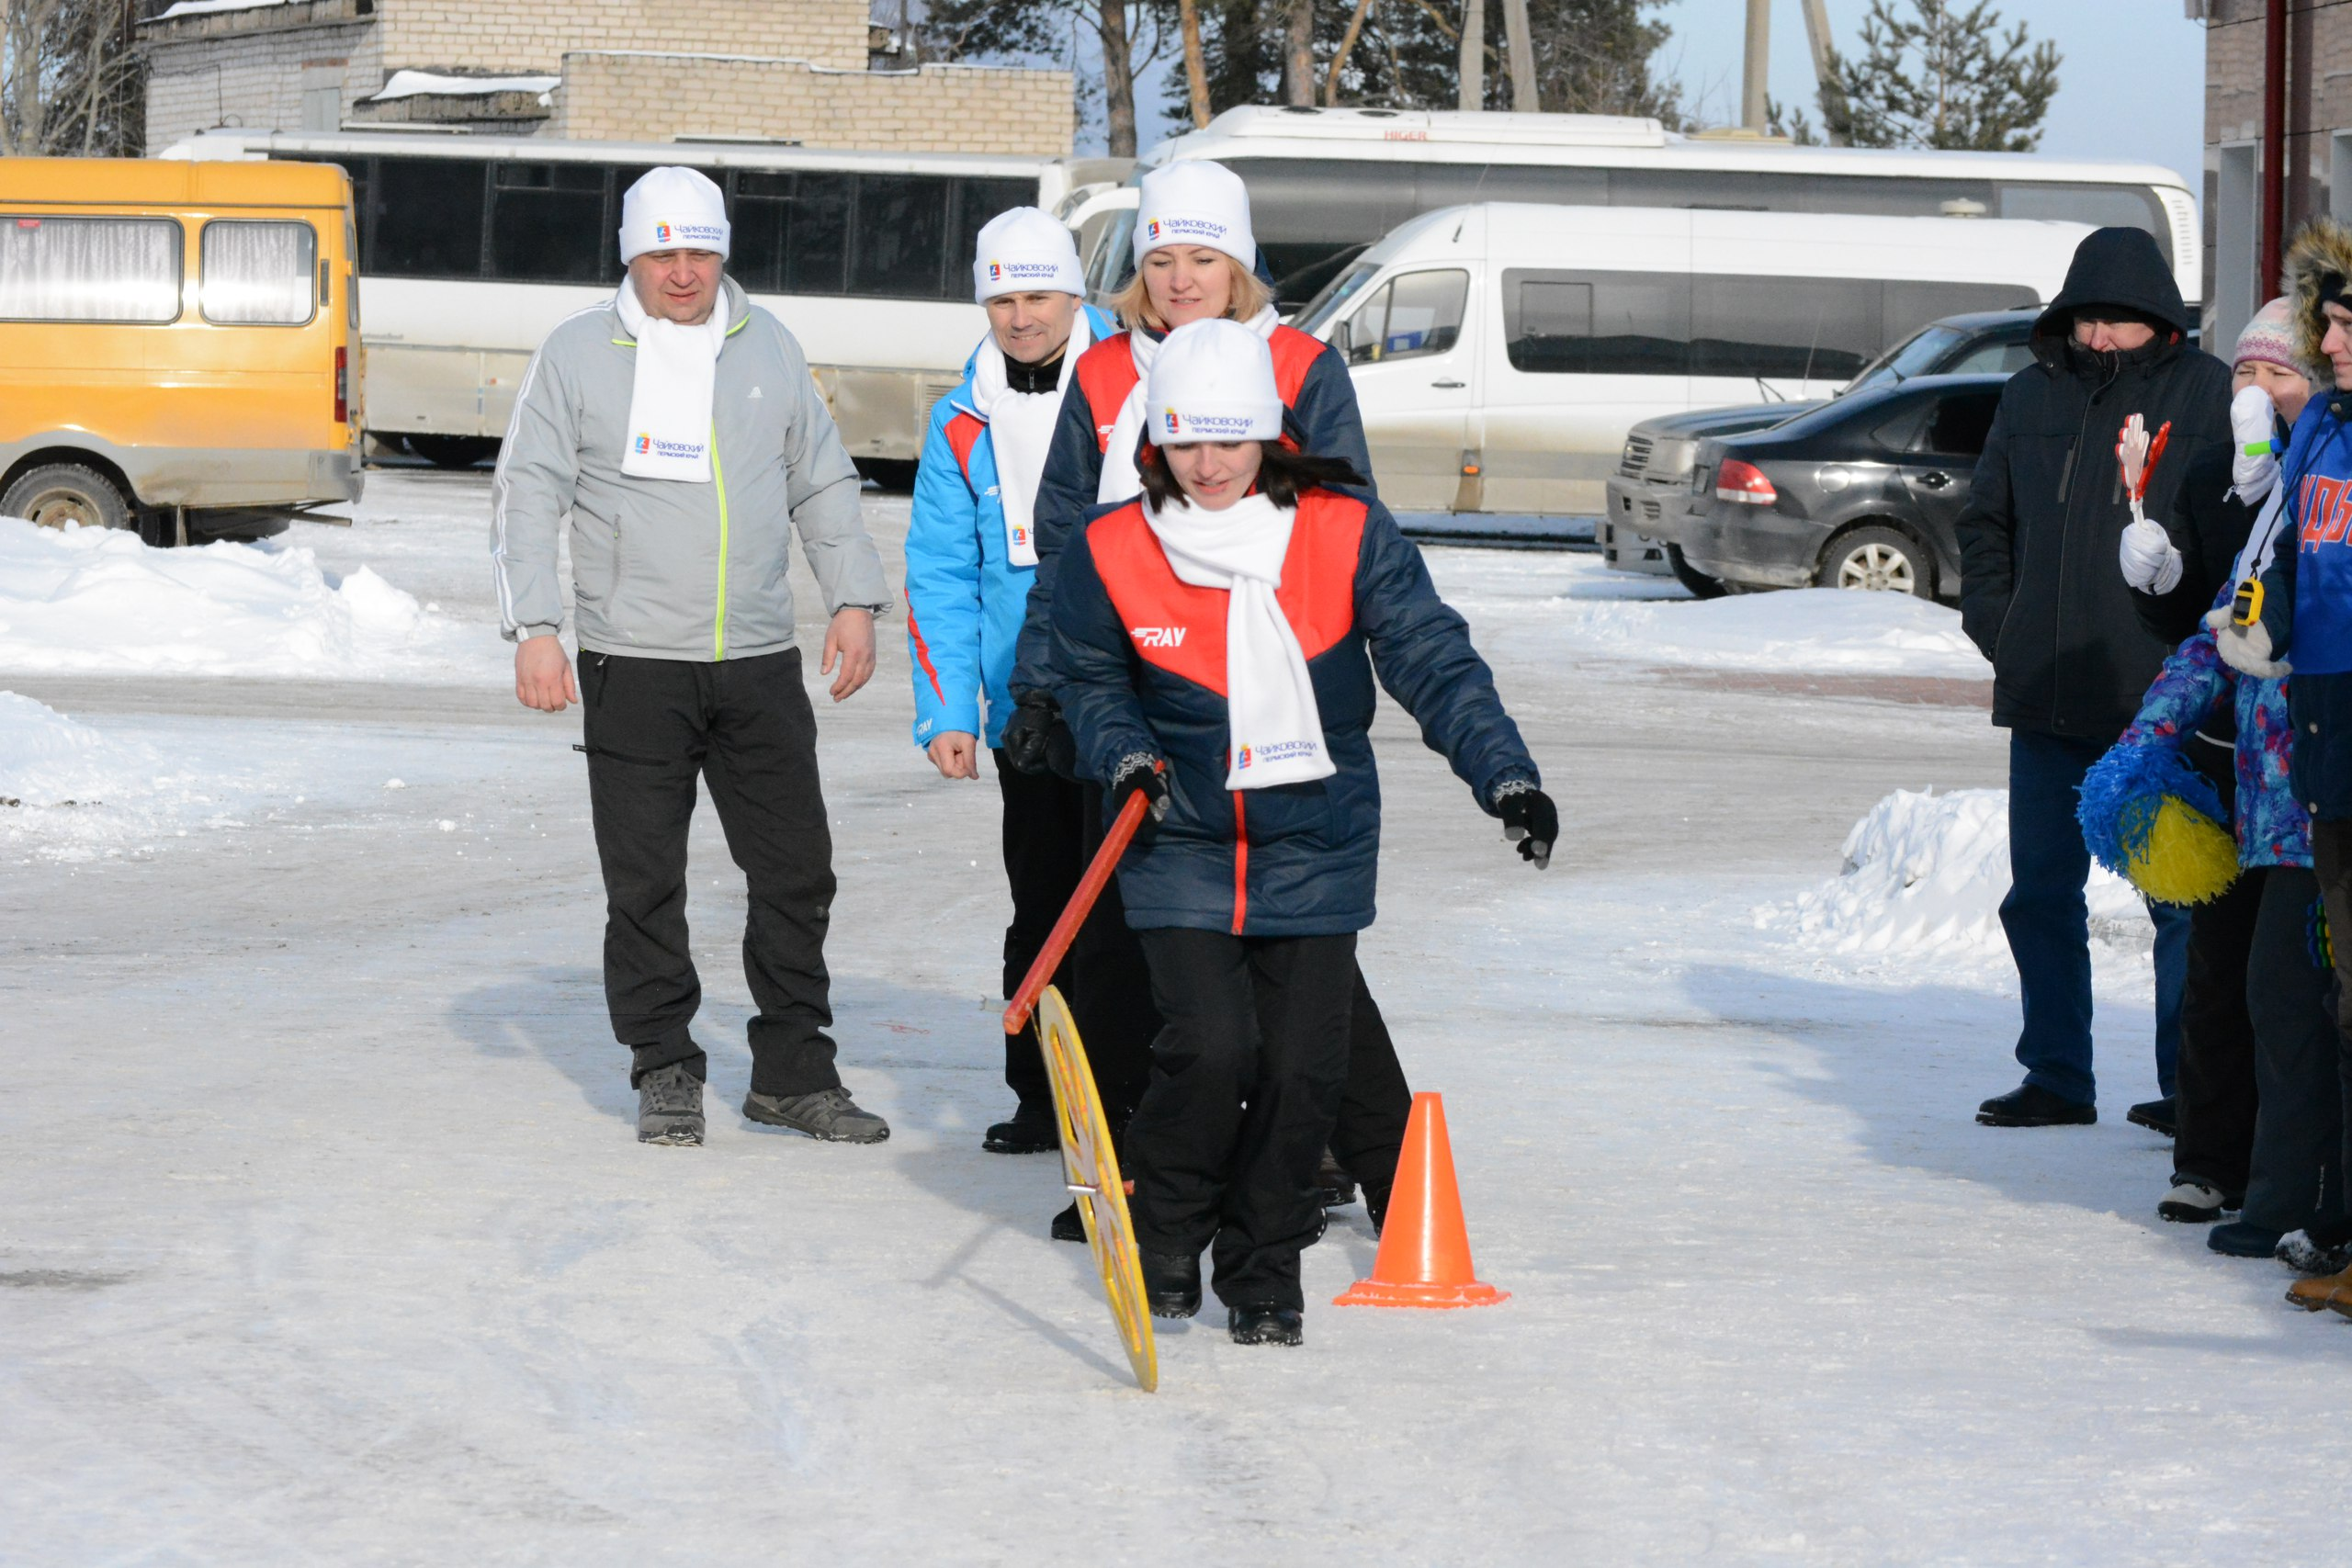 зимняя спартакиада муниципалитетов, Чайковский, 2018 год